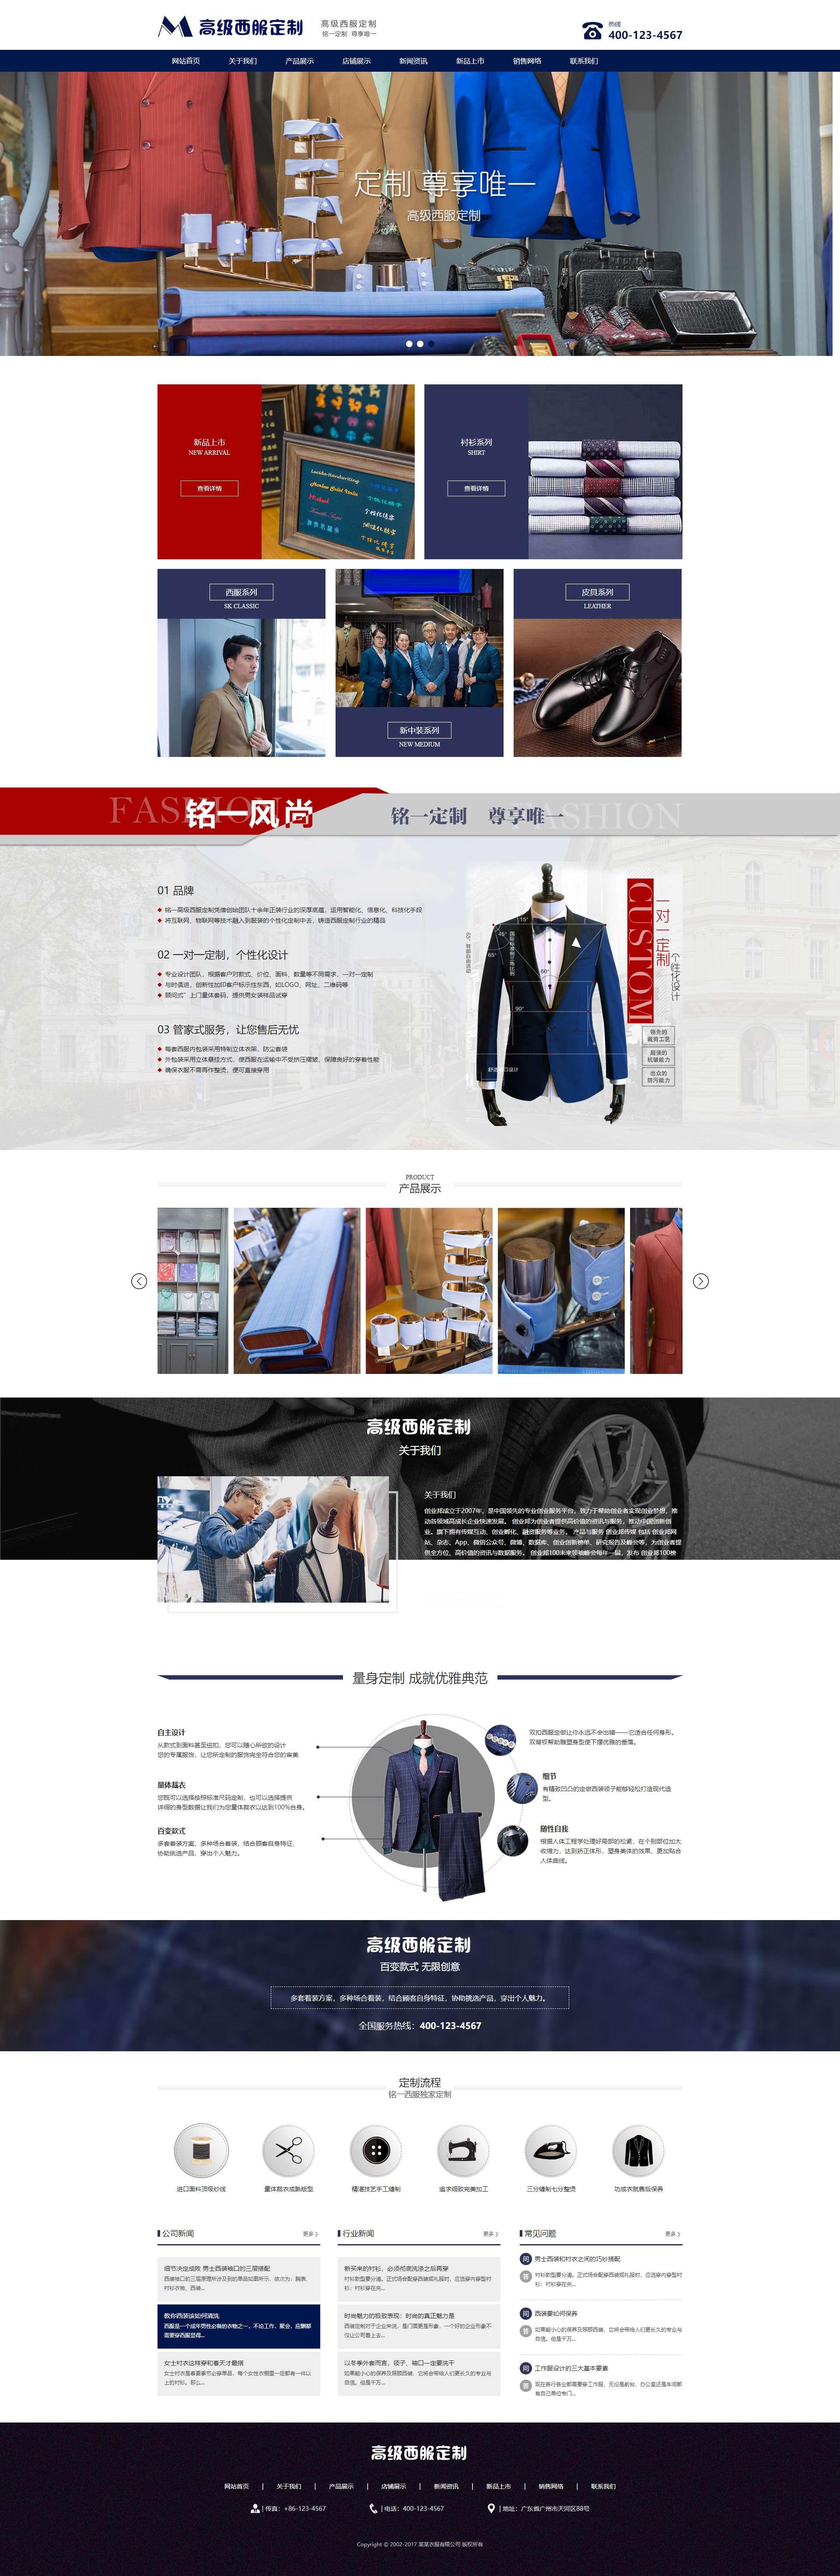 服装设计定制西服类网站建设模板